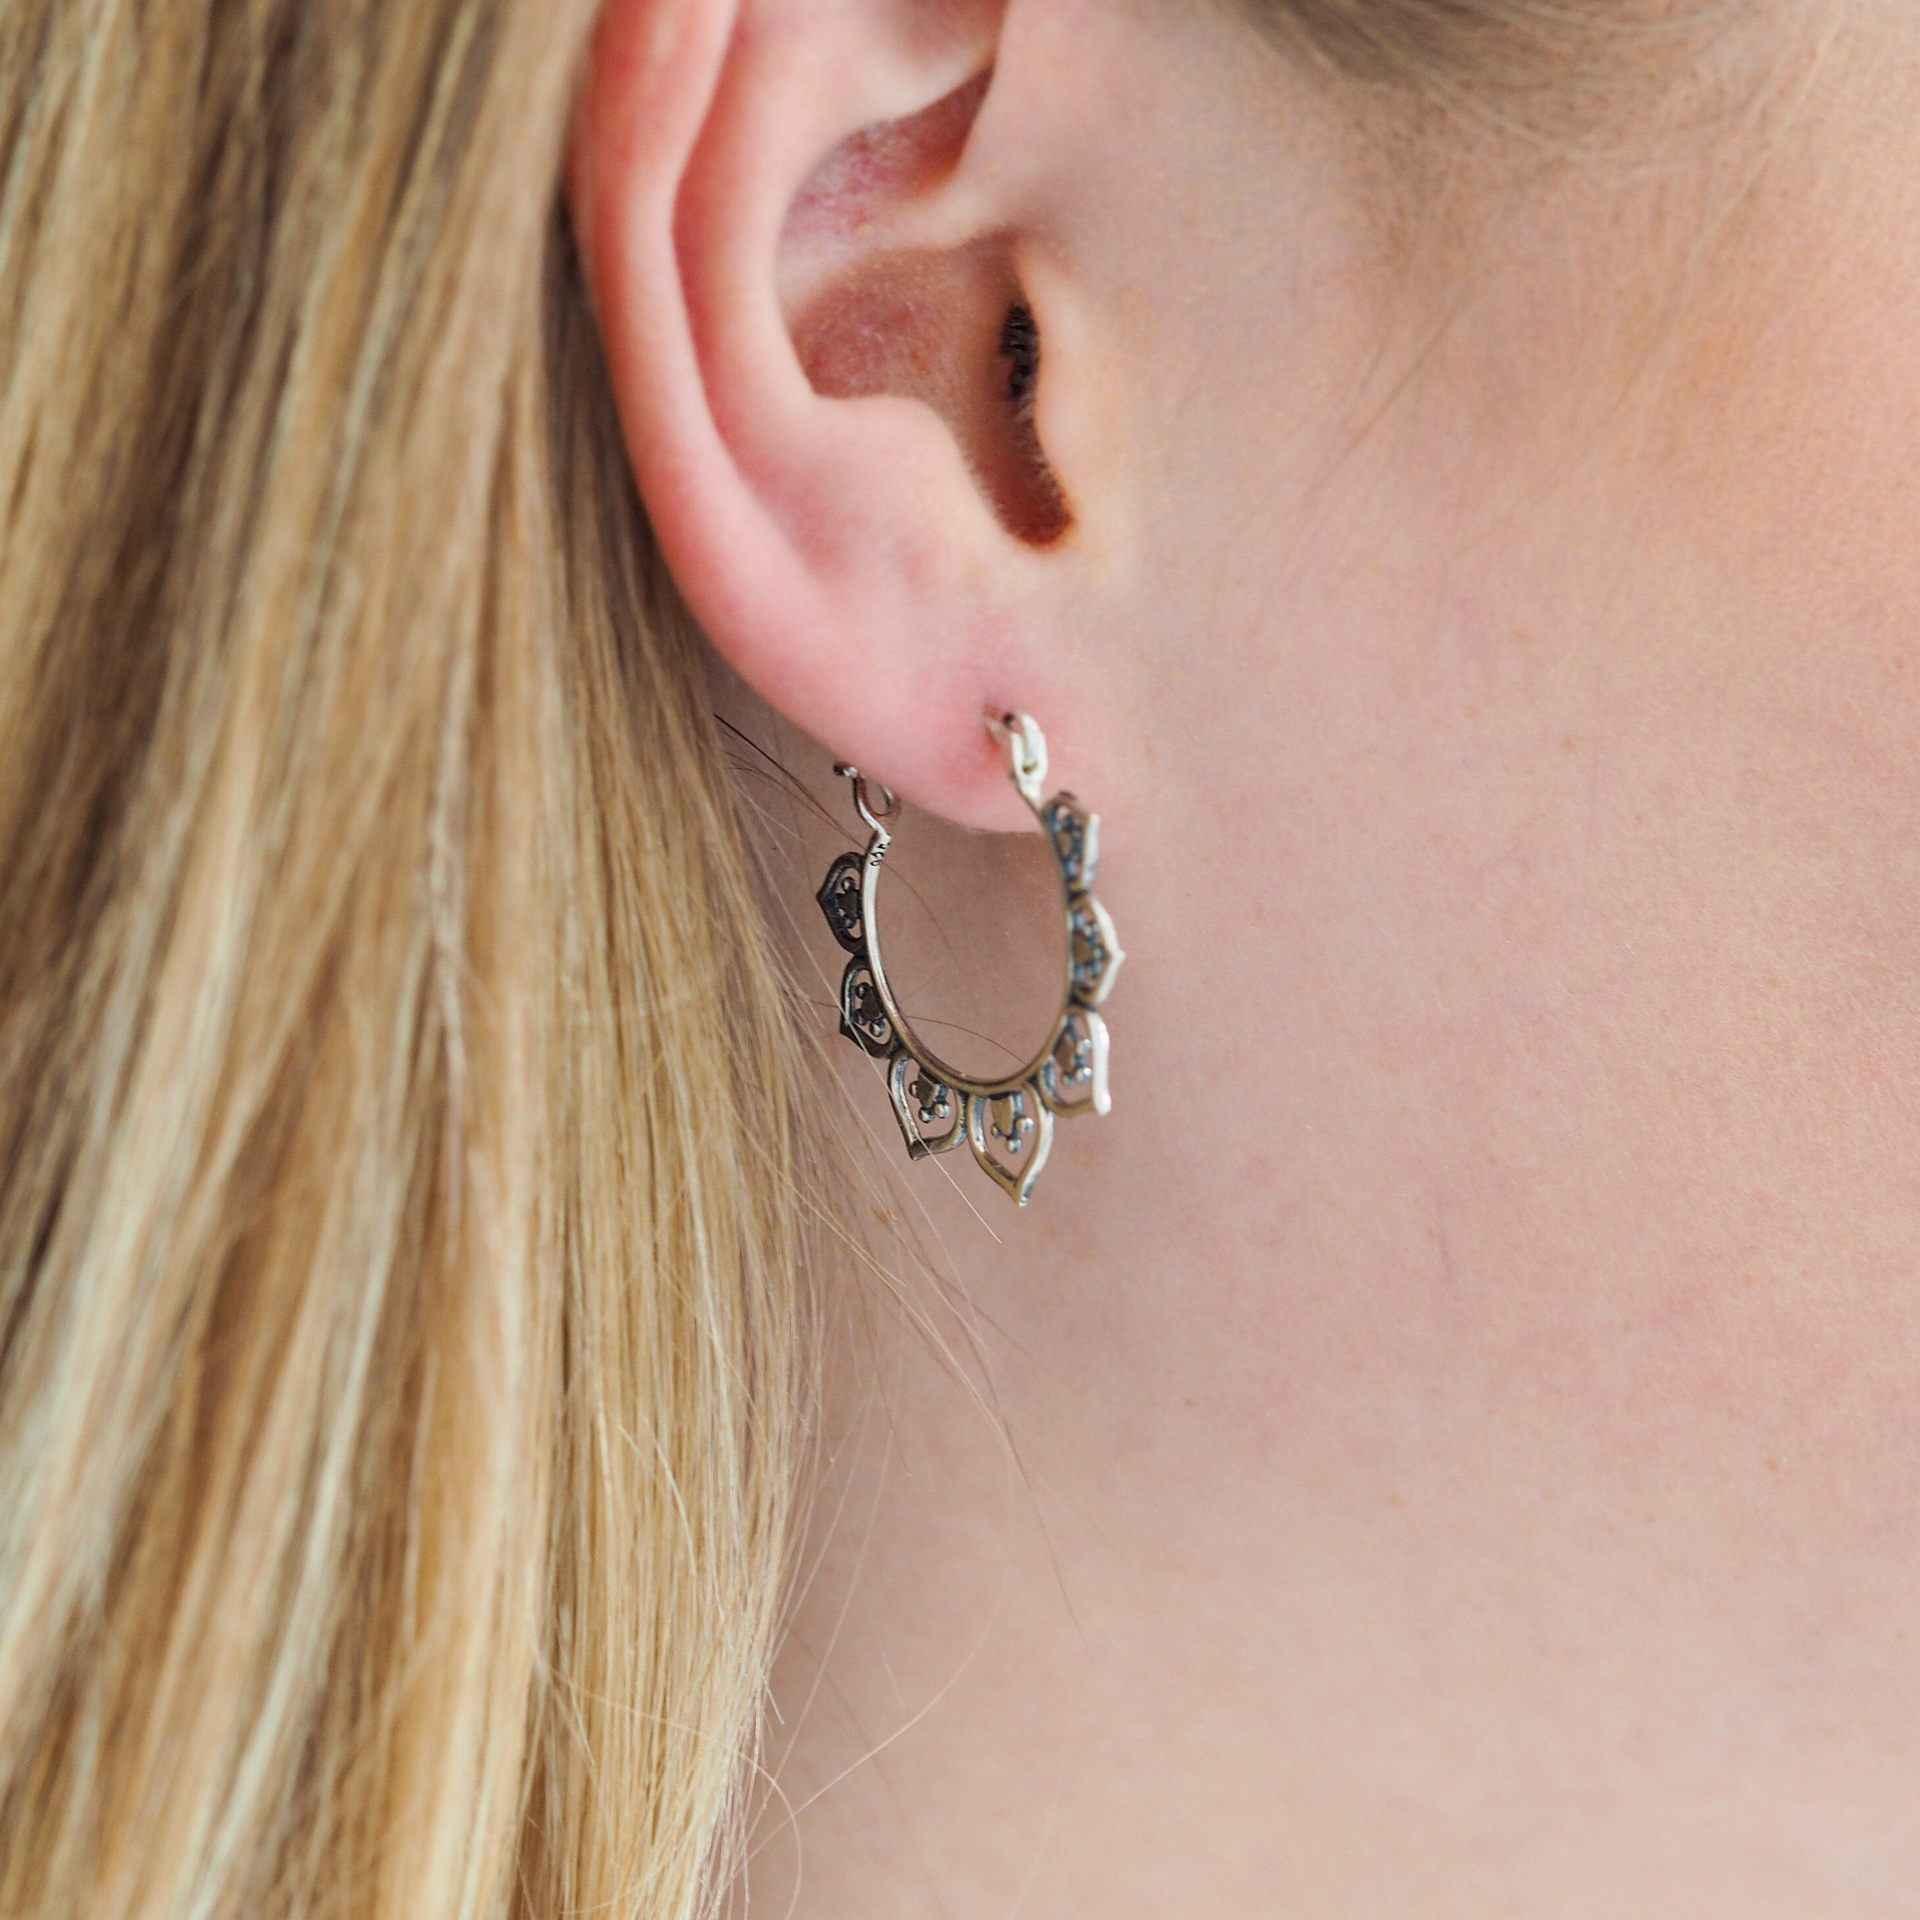 925 Sliver Peridot biżuteria kolczyk dla kobiet luksusowe Bizuteria Anillos kamień granat srebrna biżuteria 925 Stud kolczyk Orecchini